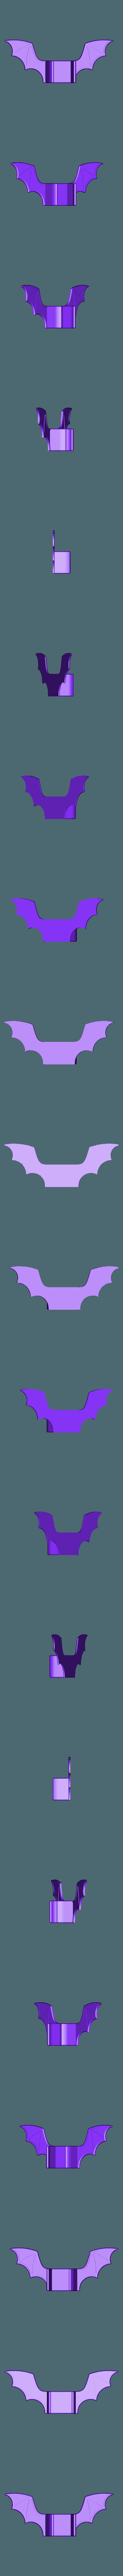 Fun Size Bat Wings.stl Download free STL file Fun Size Bat Wings • 3D printable model, Hom3d